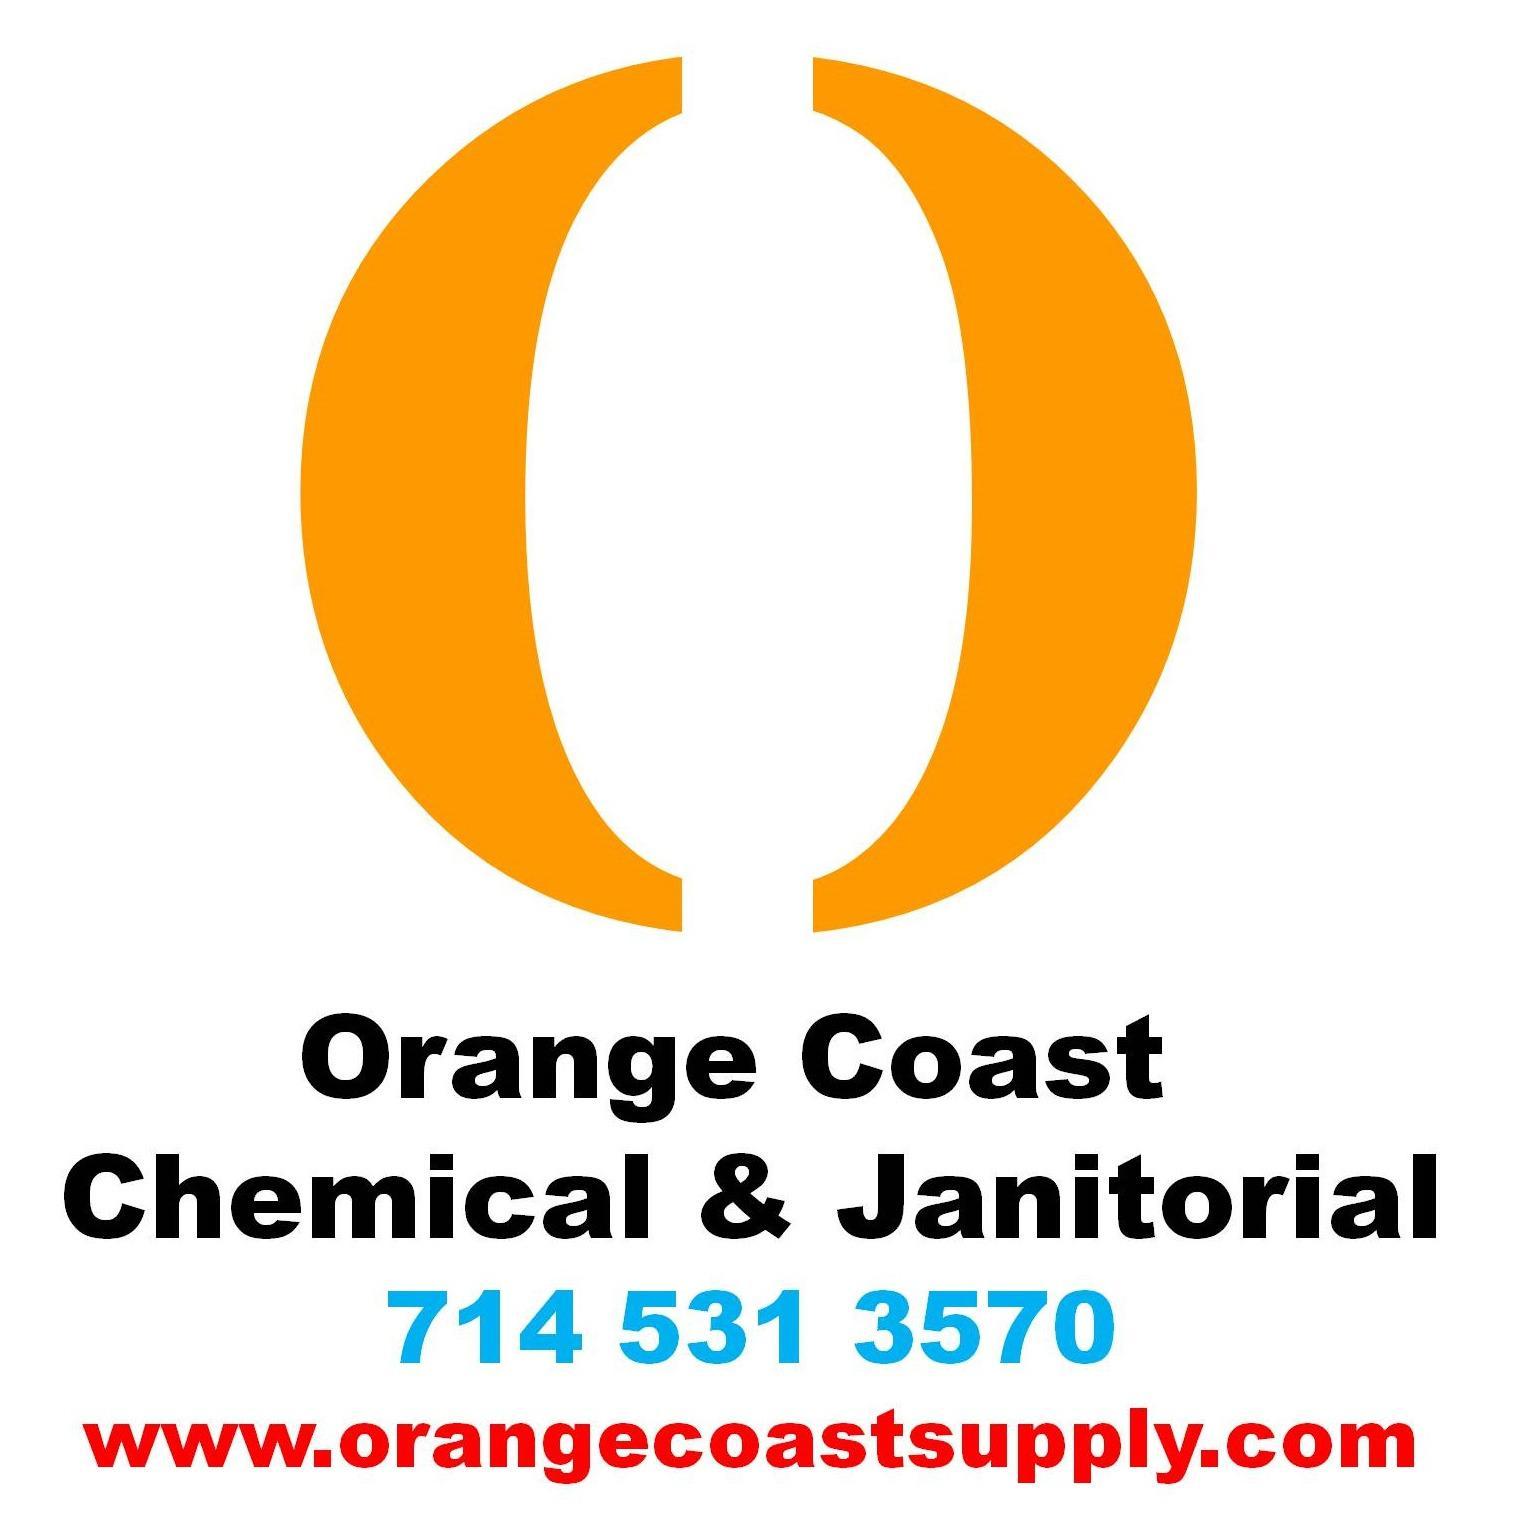 Orange Coast Chemical Supply